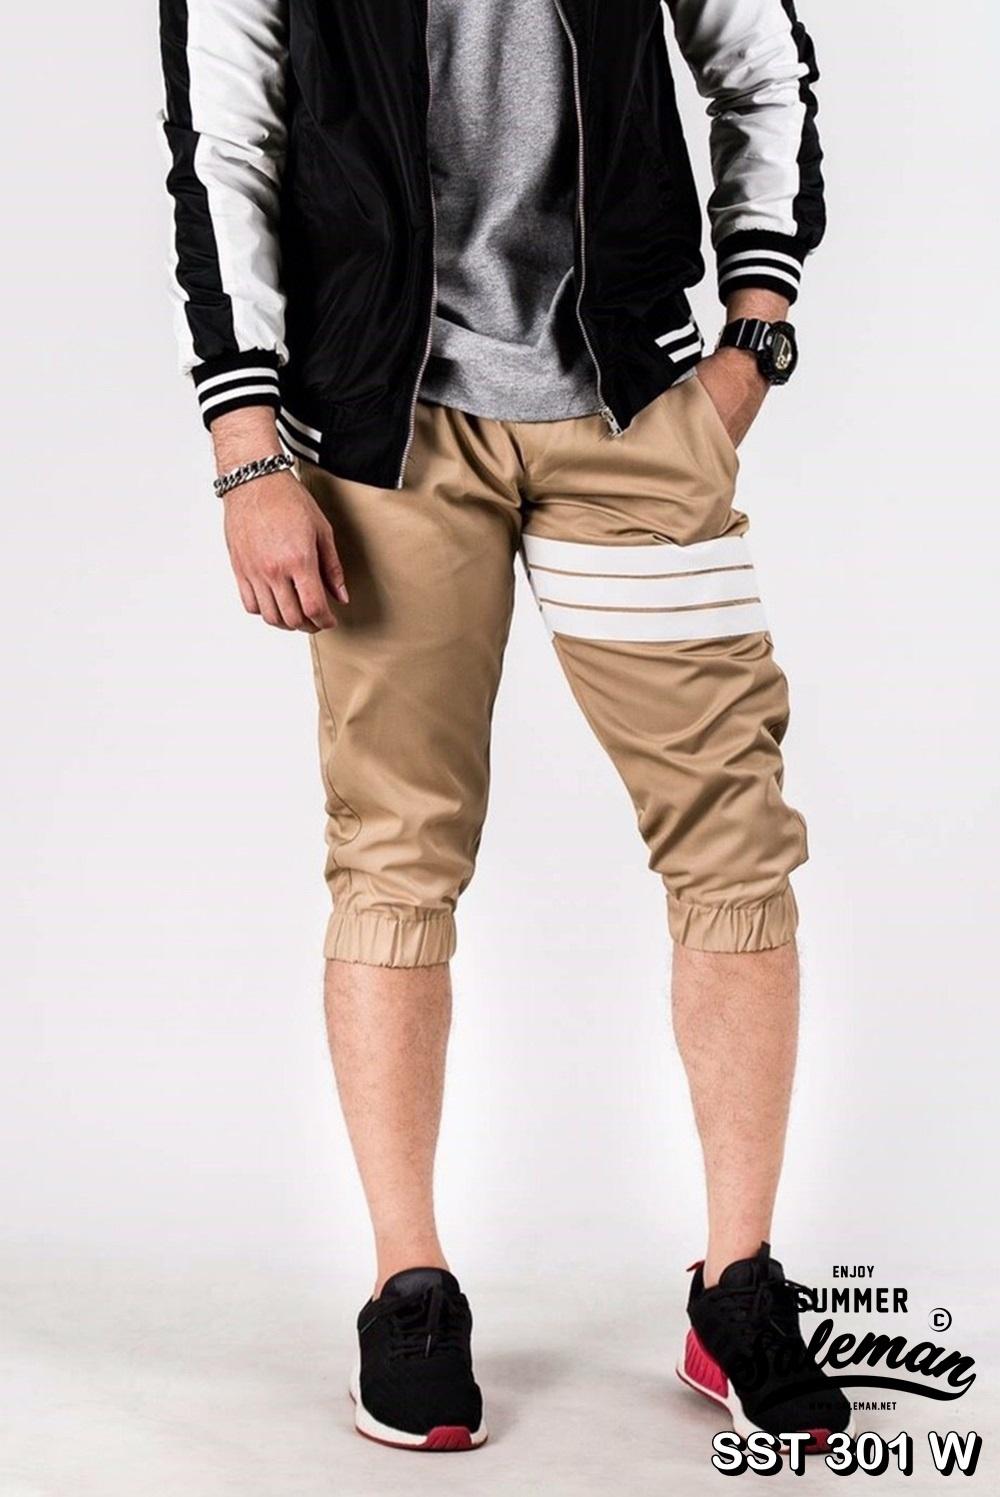 กางเกงสามส่วน พรีเมี่ยม ผ้า COTTON รหัส SST 301 W สีครีม แถบขาว SUMMER SALE